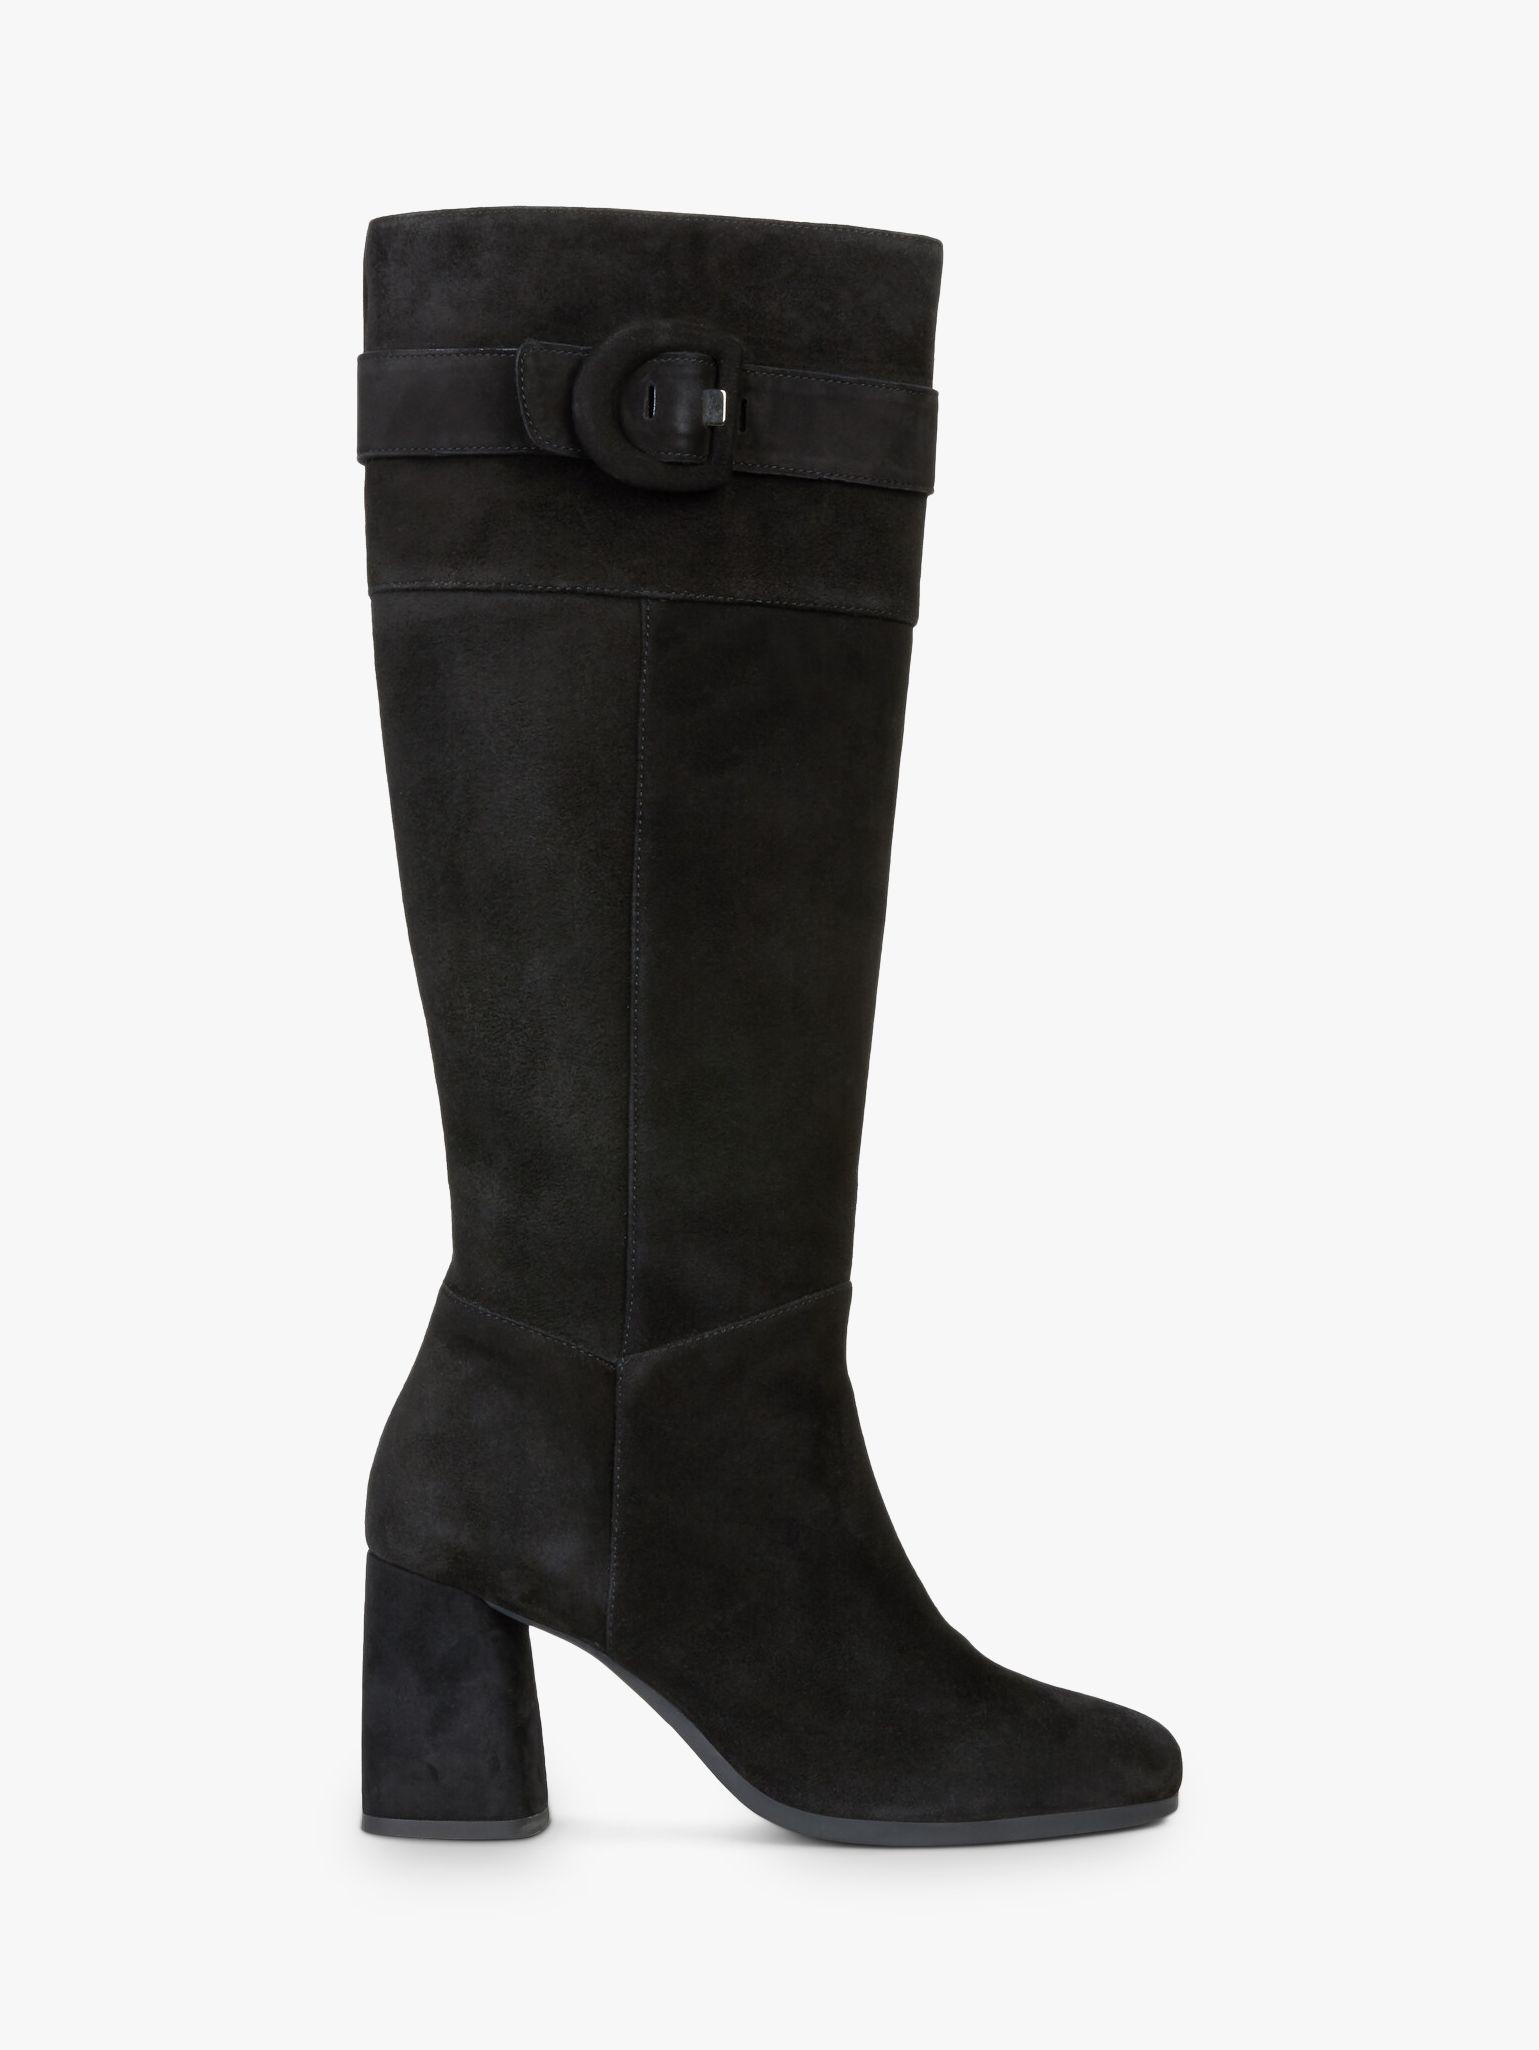 Geox Geox Women's Calinda Suede Buckle Knee Boots, Black